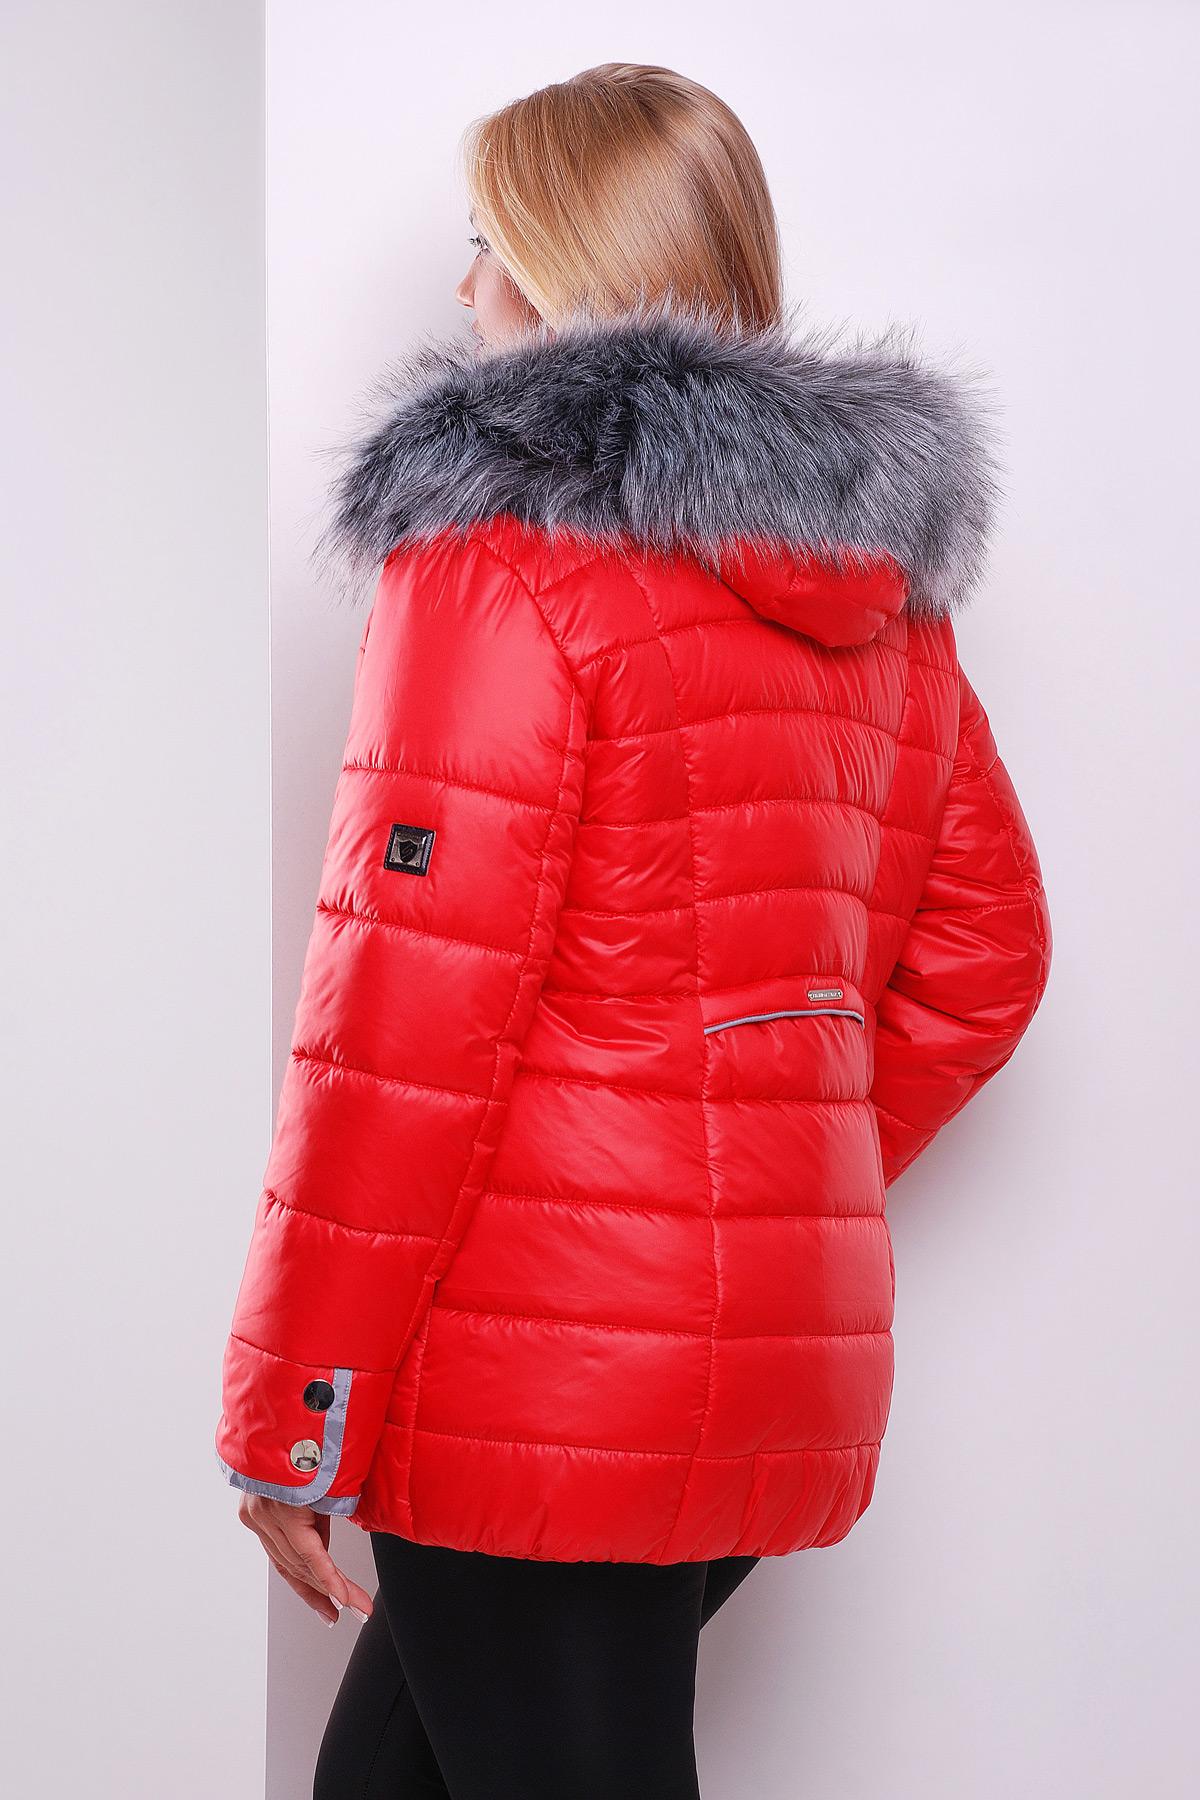 d89e4a063b5 Черная куртка с капюшоном на меху. куртка Glem-1. Цвет  красный купить